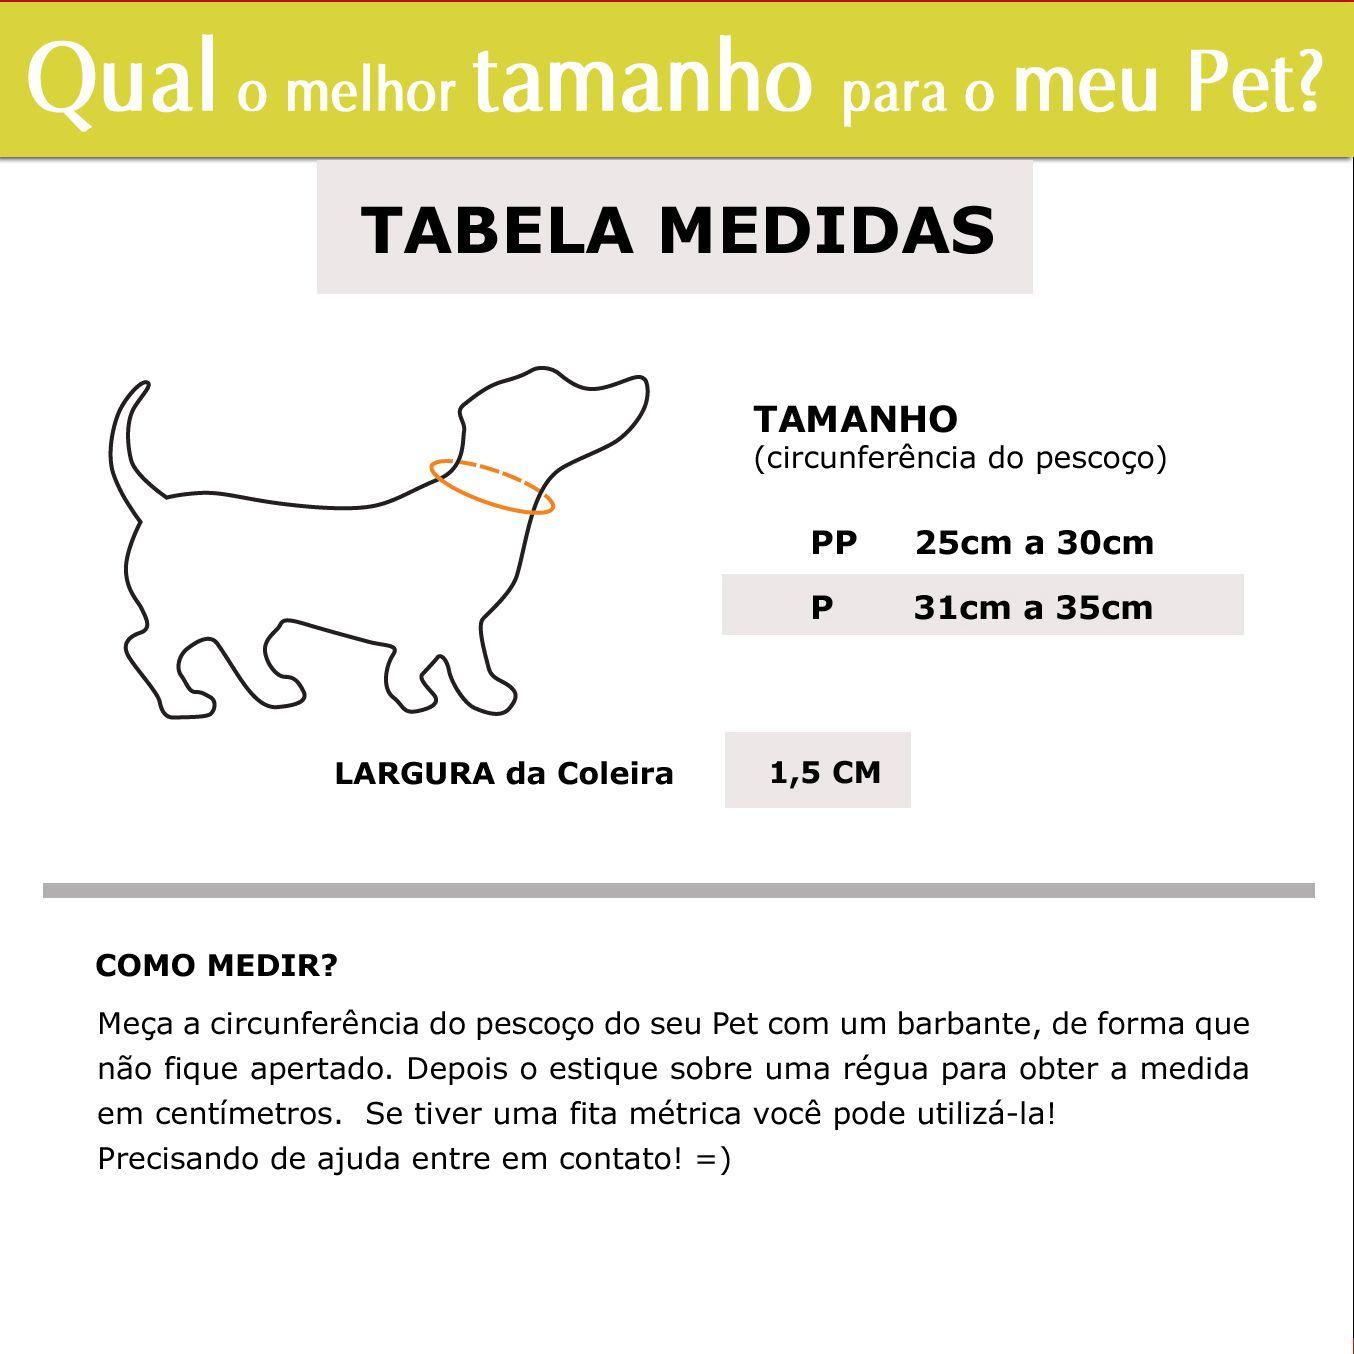 Coleira Identificação Cachorro - 1,5cm - PP / P - Icones - Customize!  - PetPatuá | Coleiras de Identificação